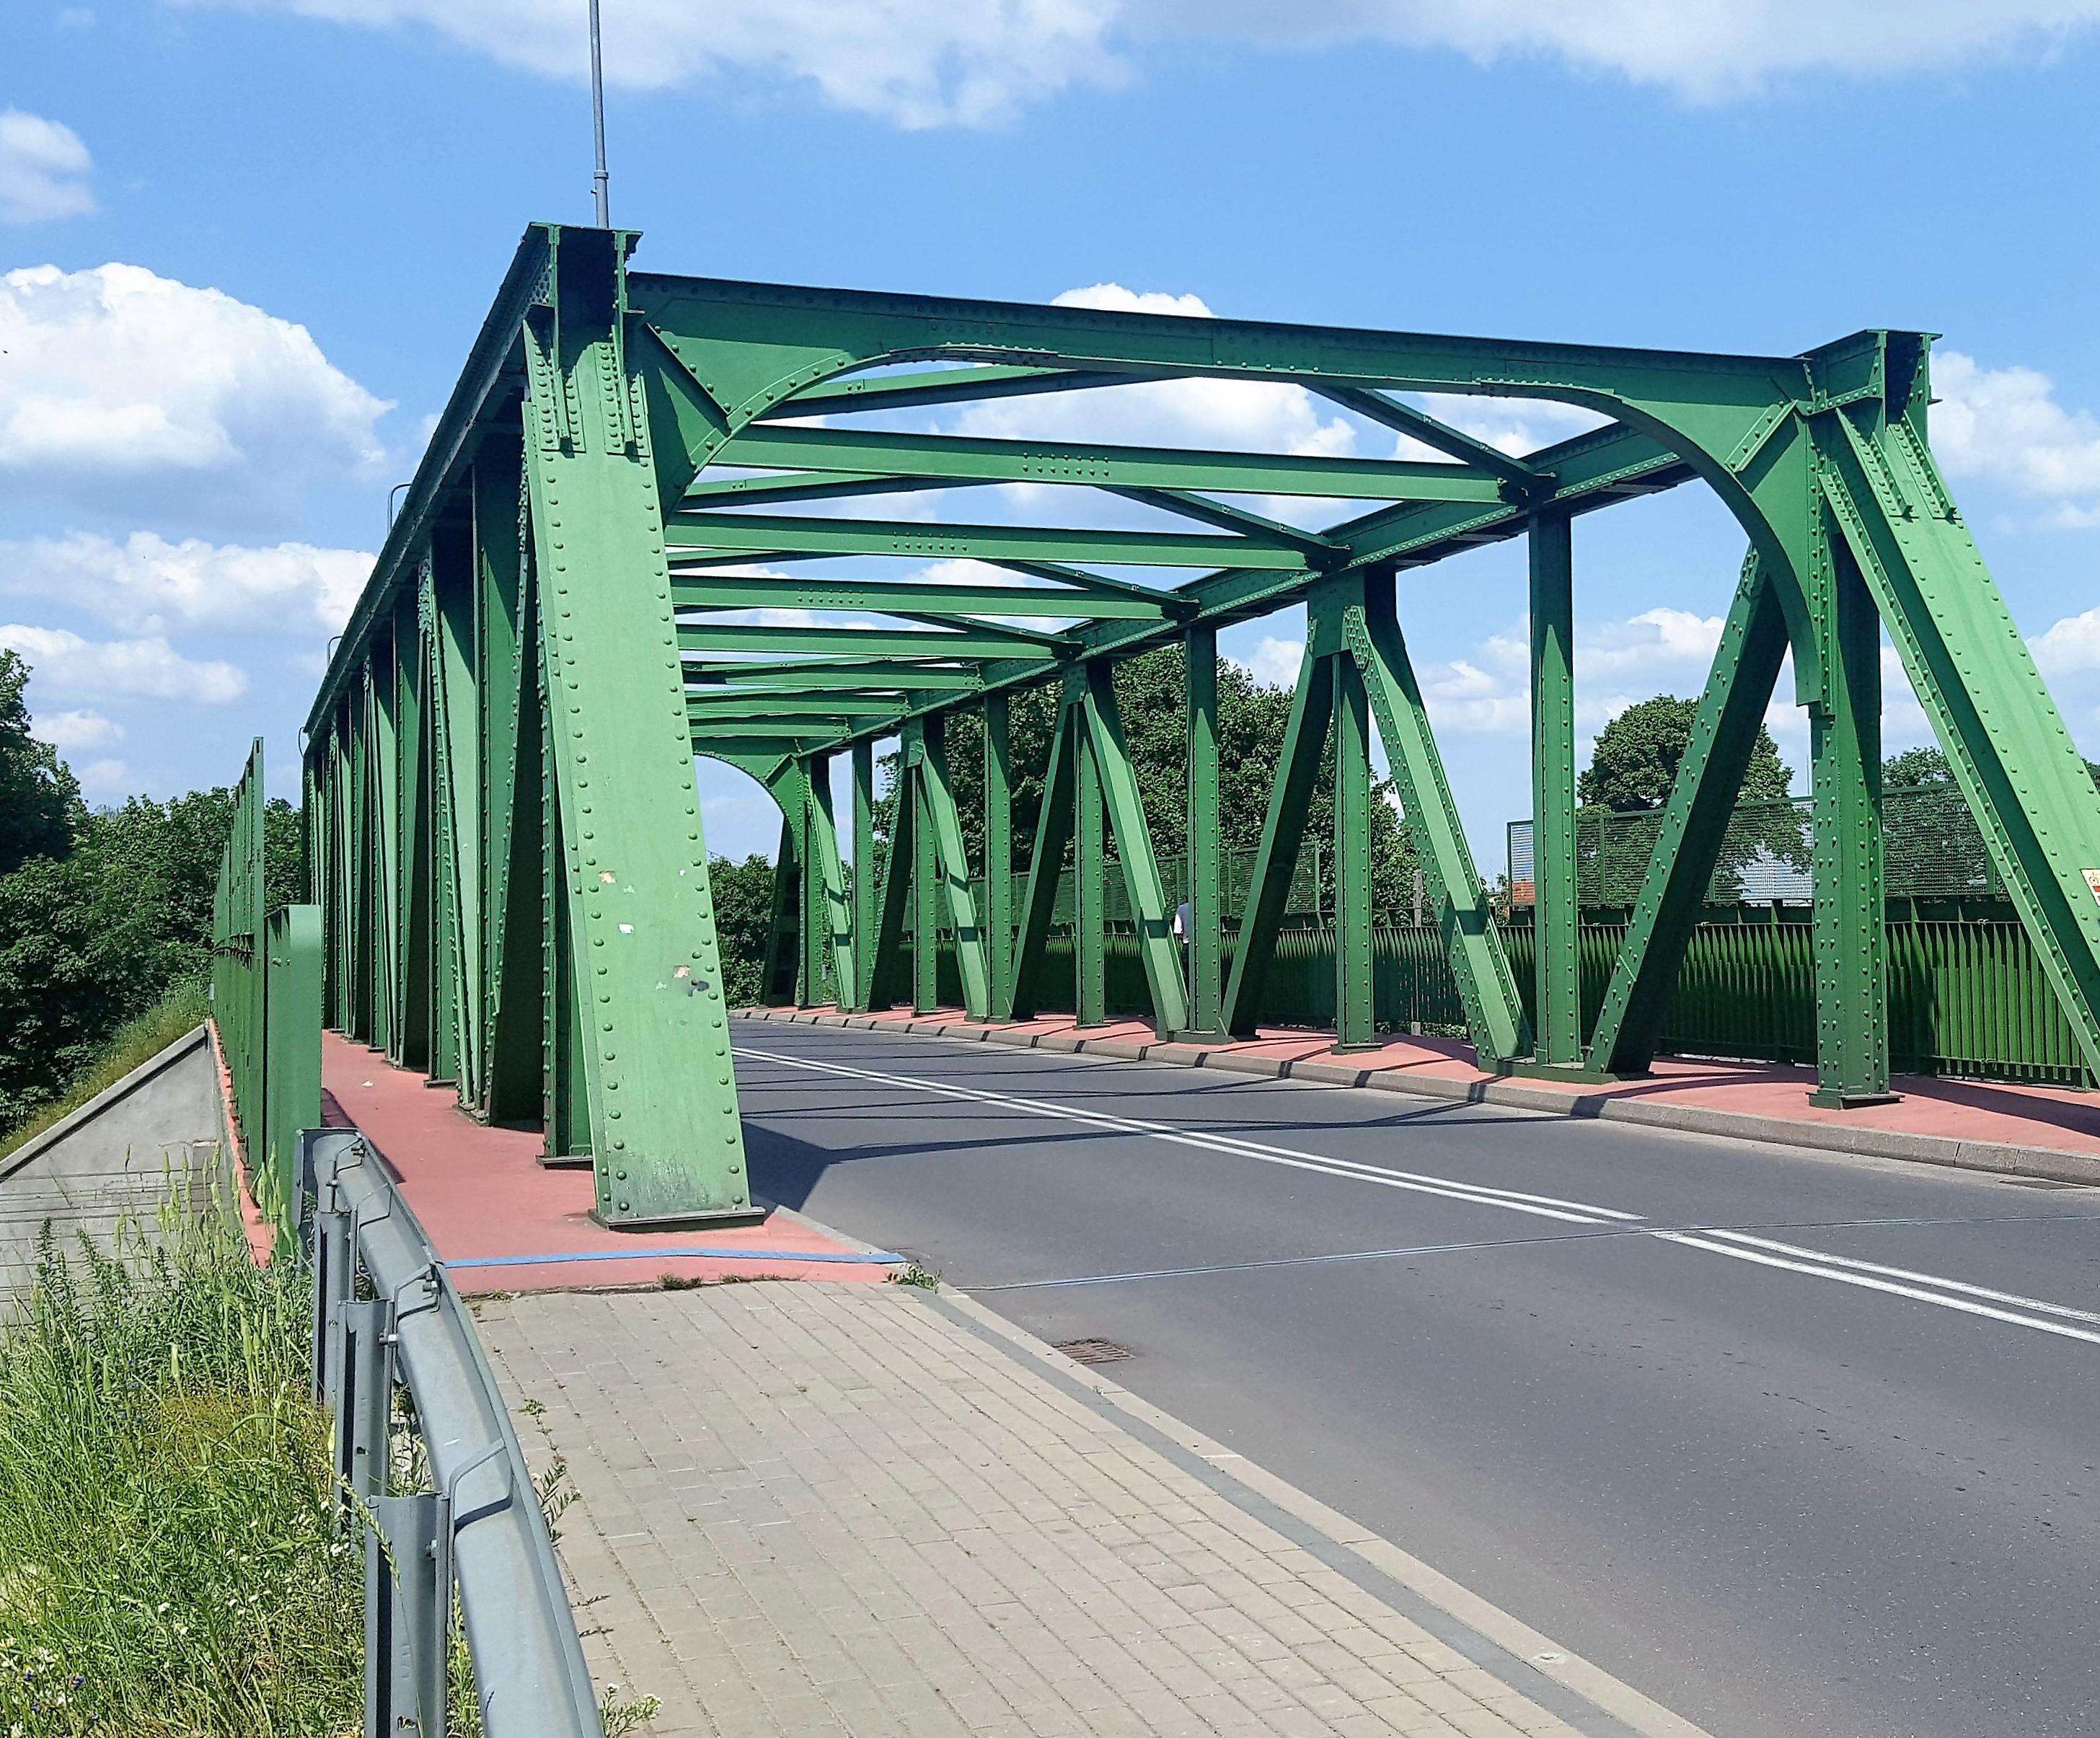 Remont wiaduktu wKrzyżu Wlkp._1